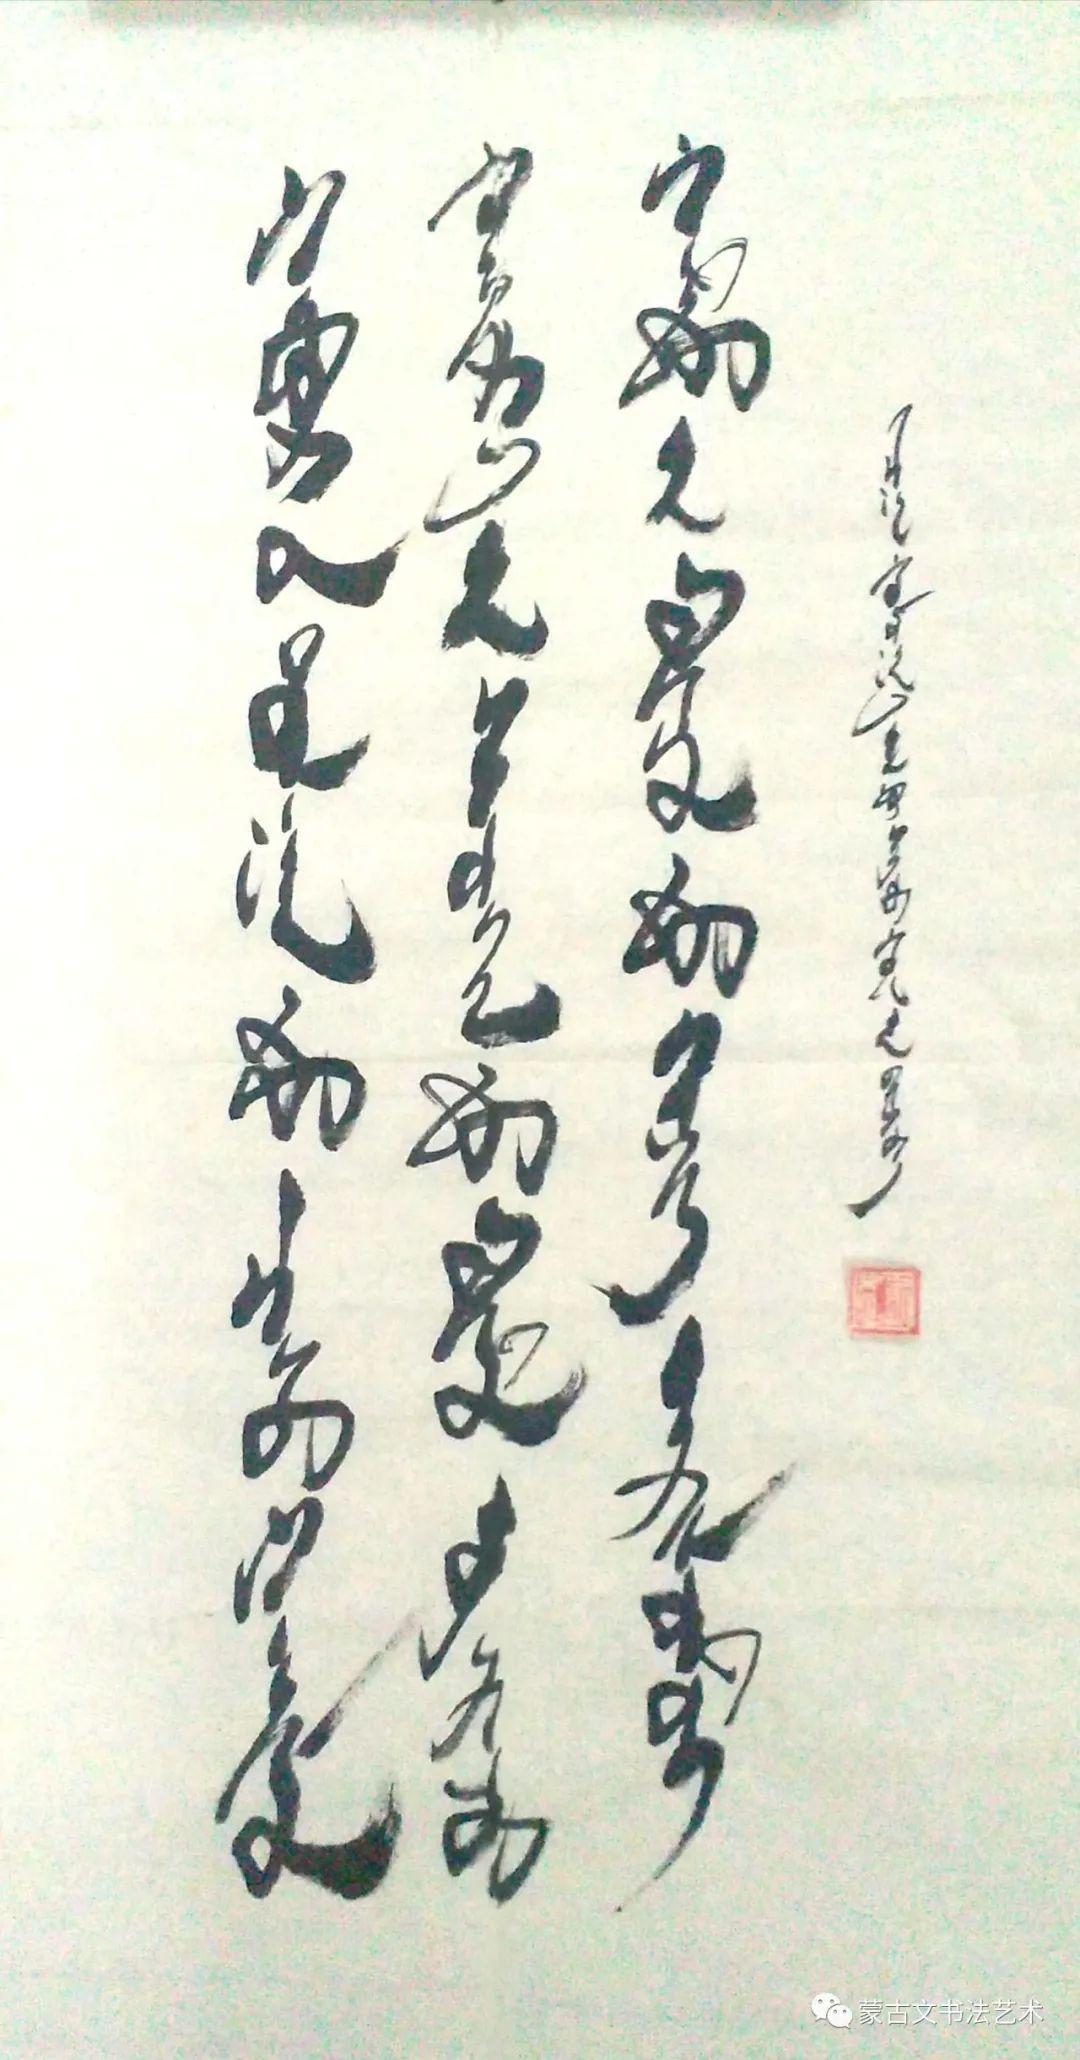 付晓花蒙古文书法 第5张 付晓花蒙古文书法 蒙古书法